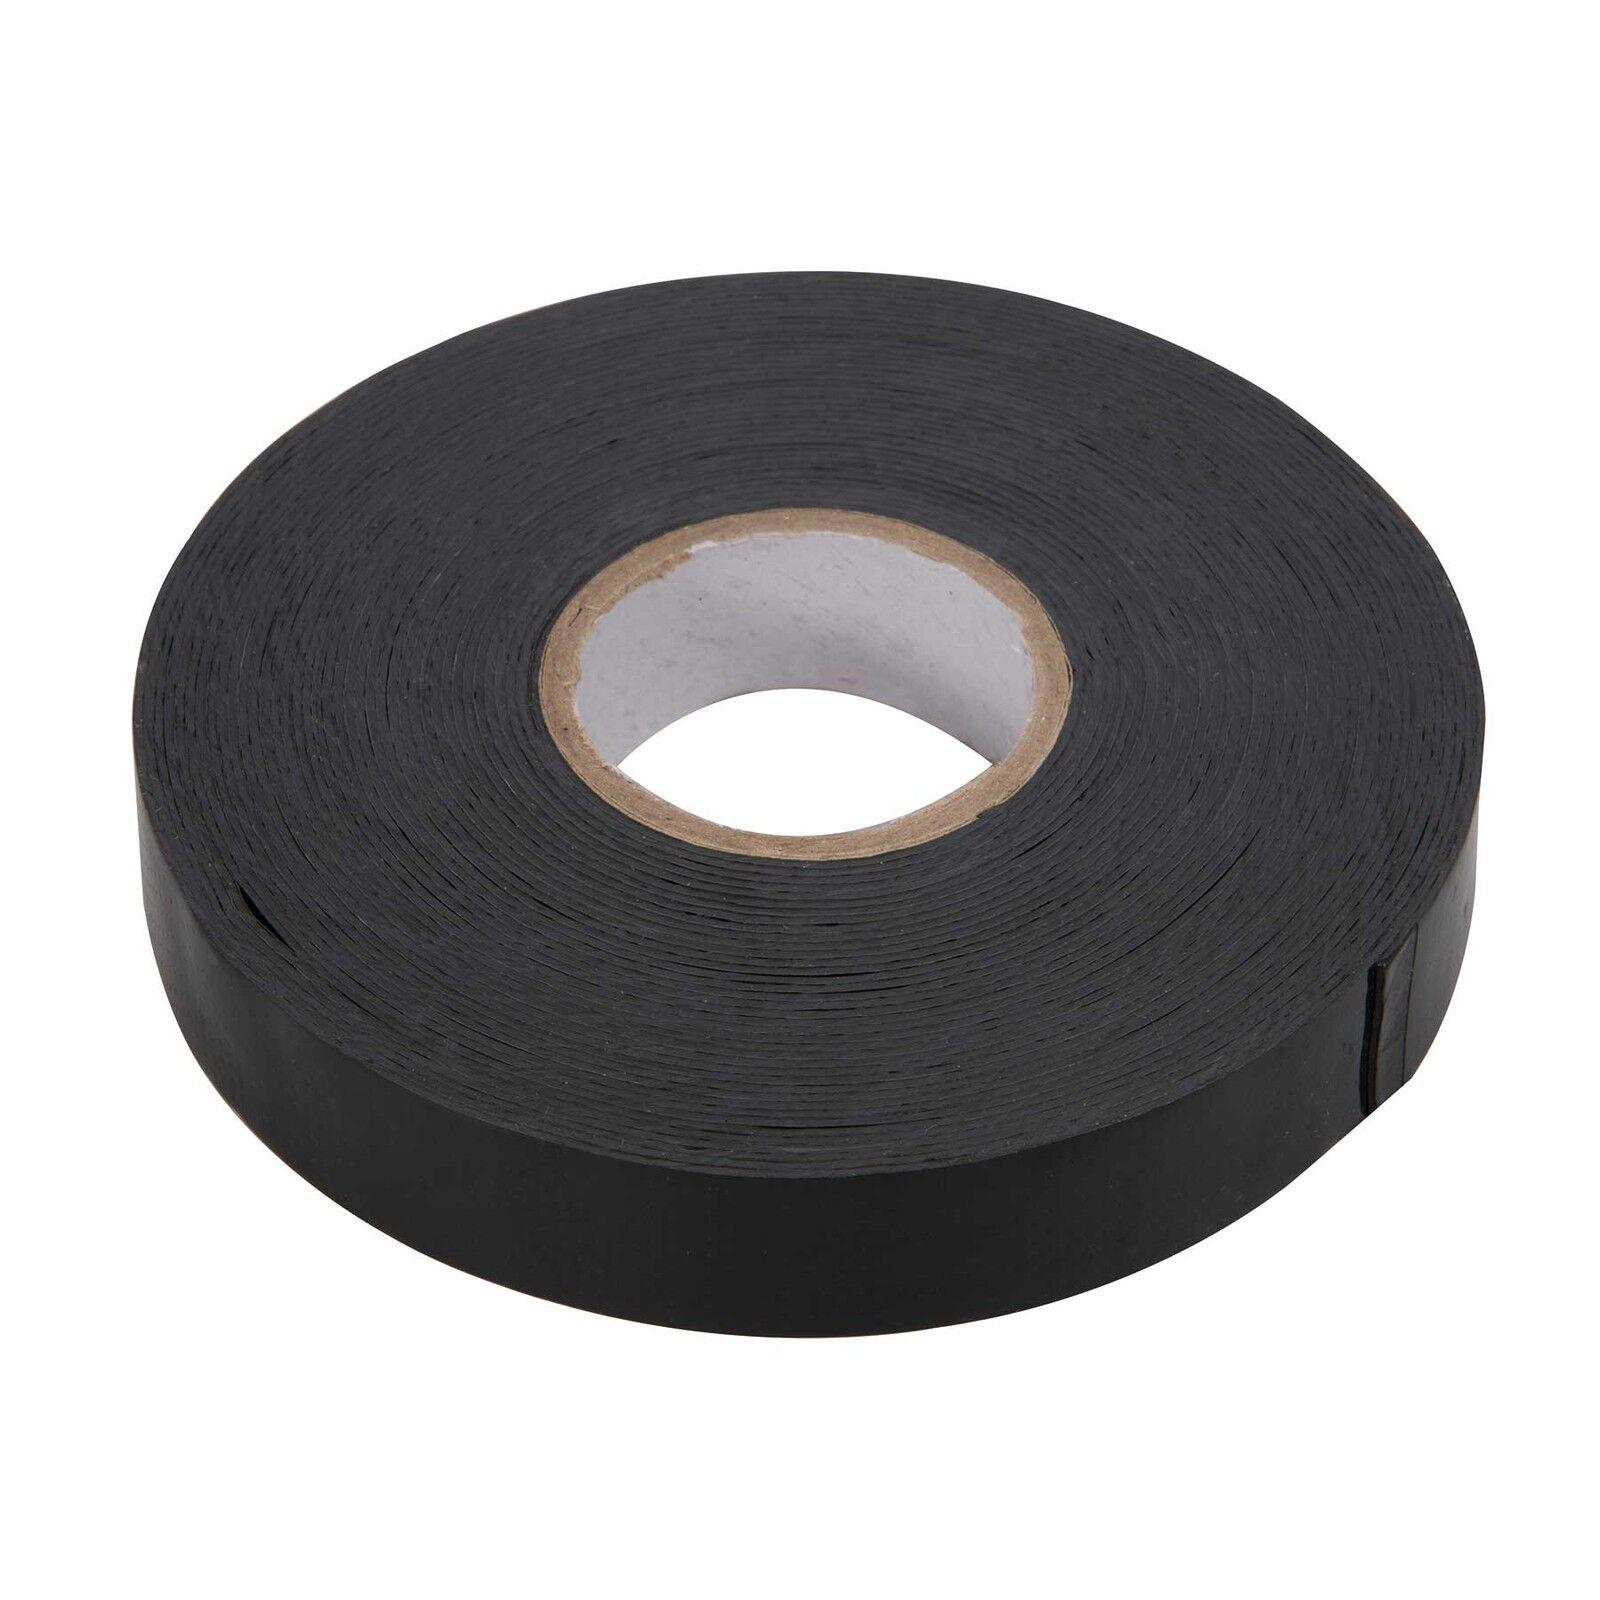 Sealing Tape | Sound & Vision | eBay